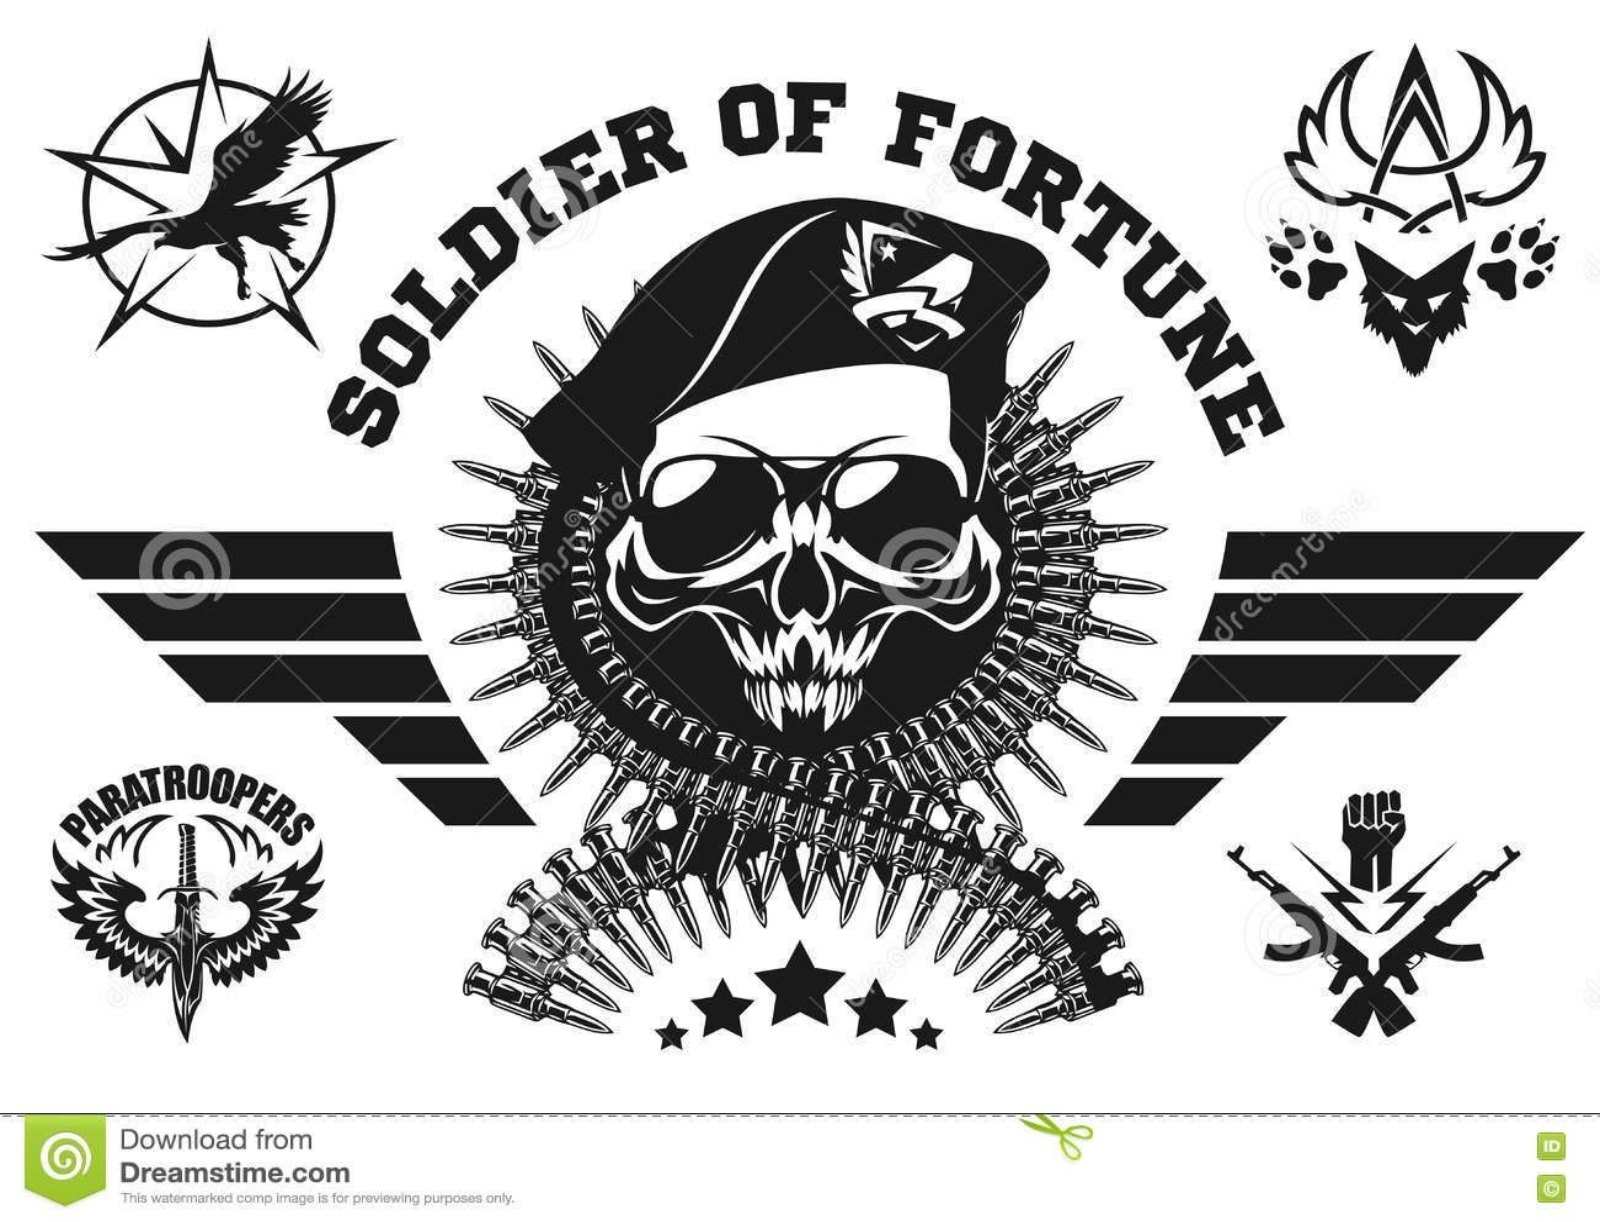 Speciaal krachten vectorembleem met schedel, munitie en vleugels